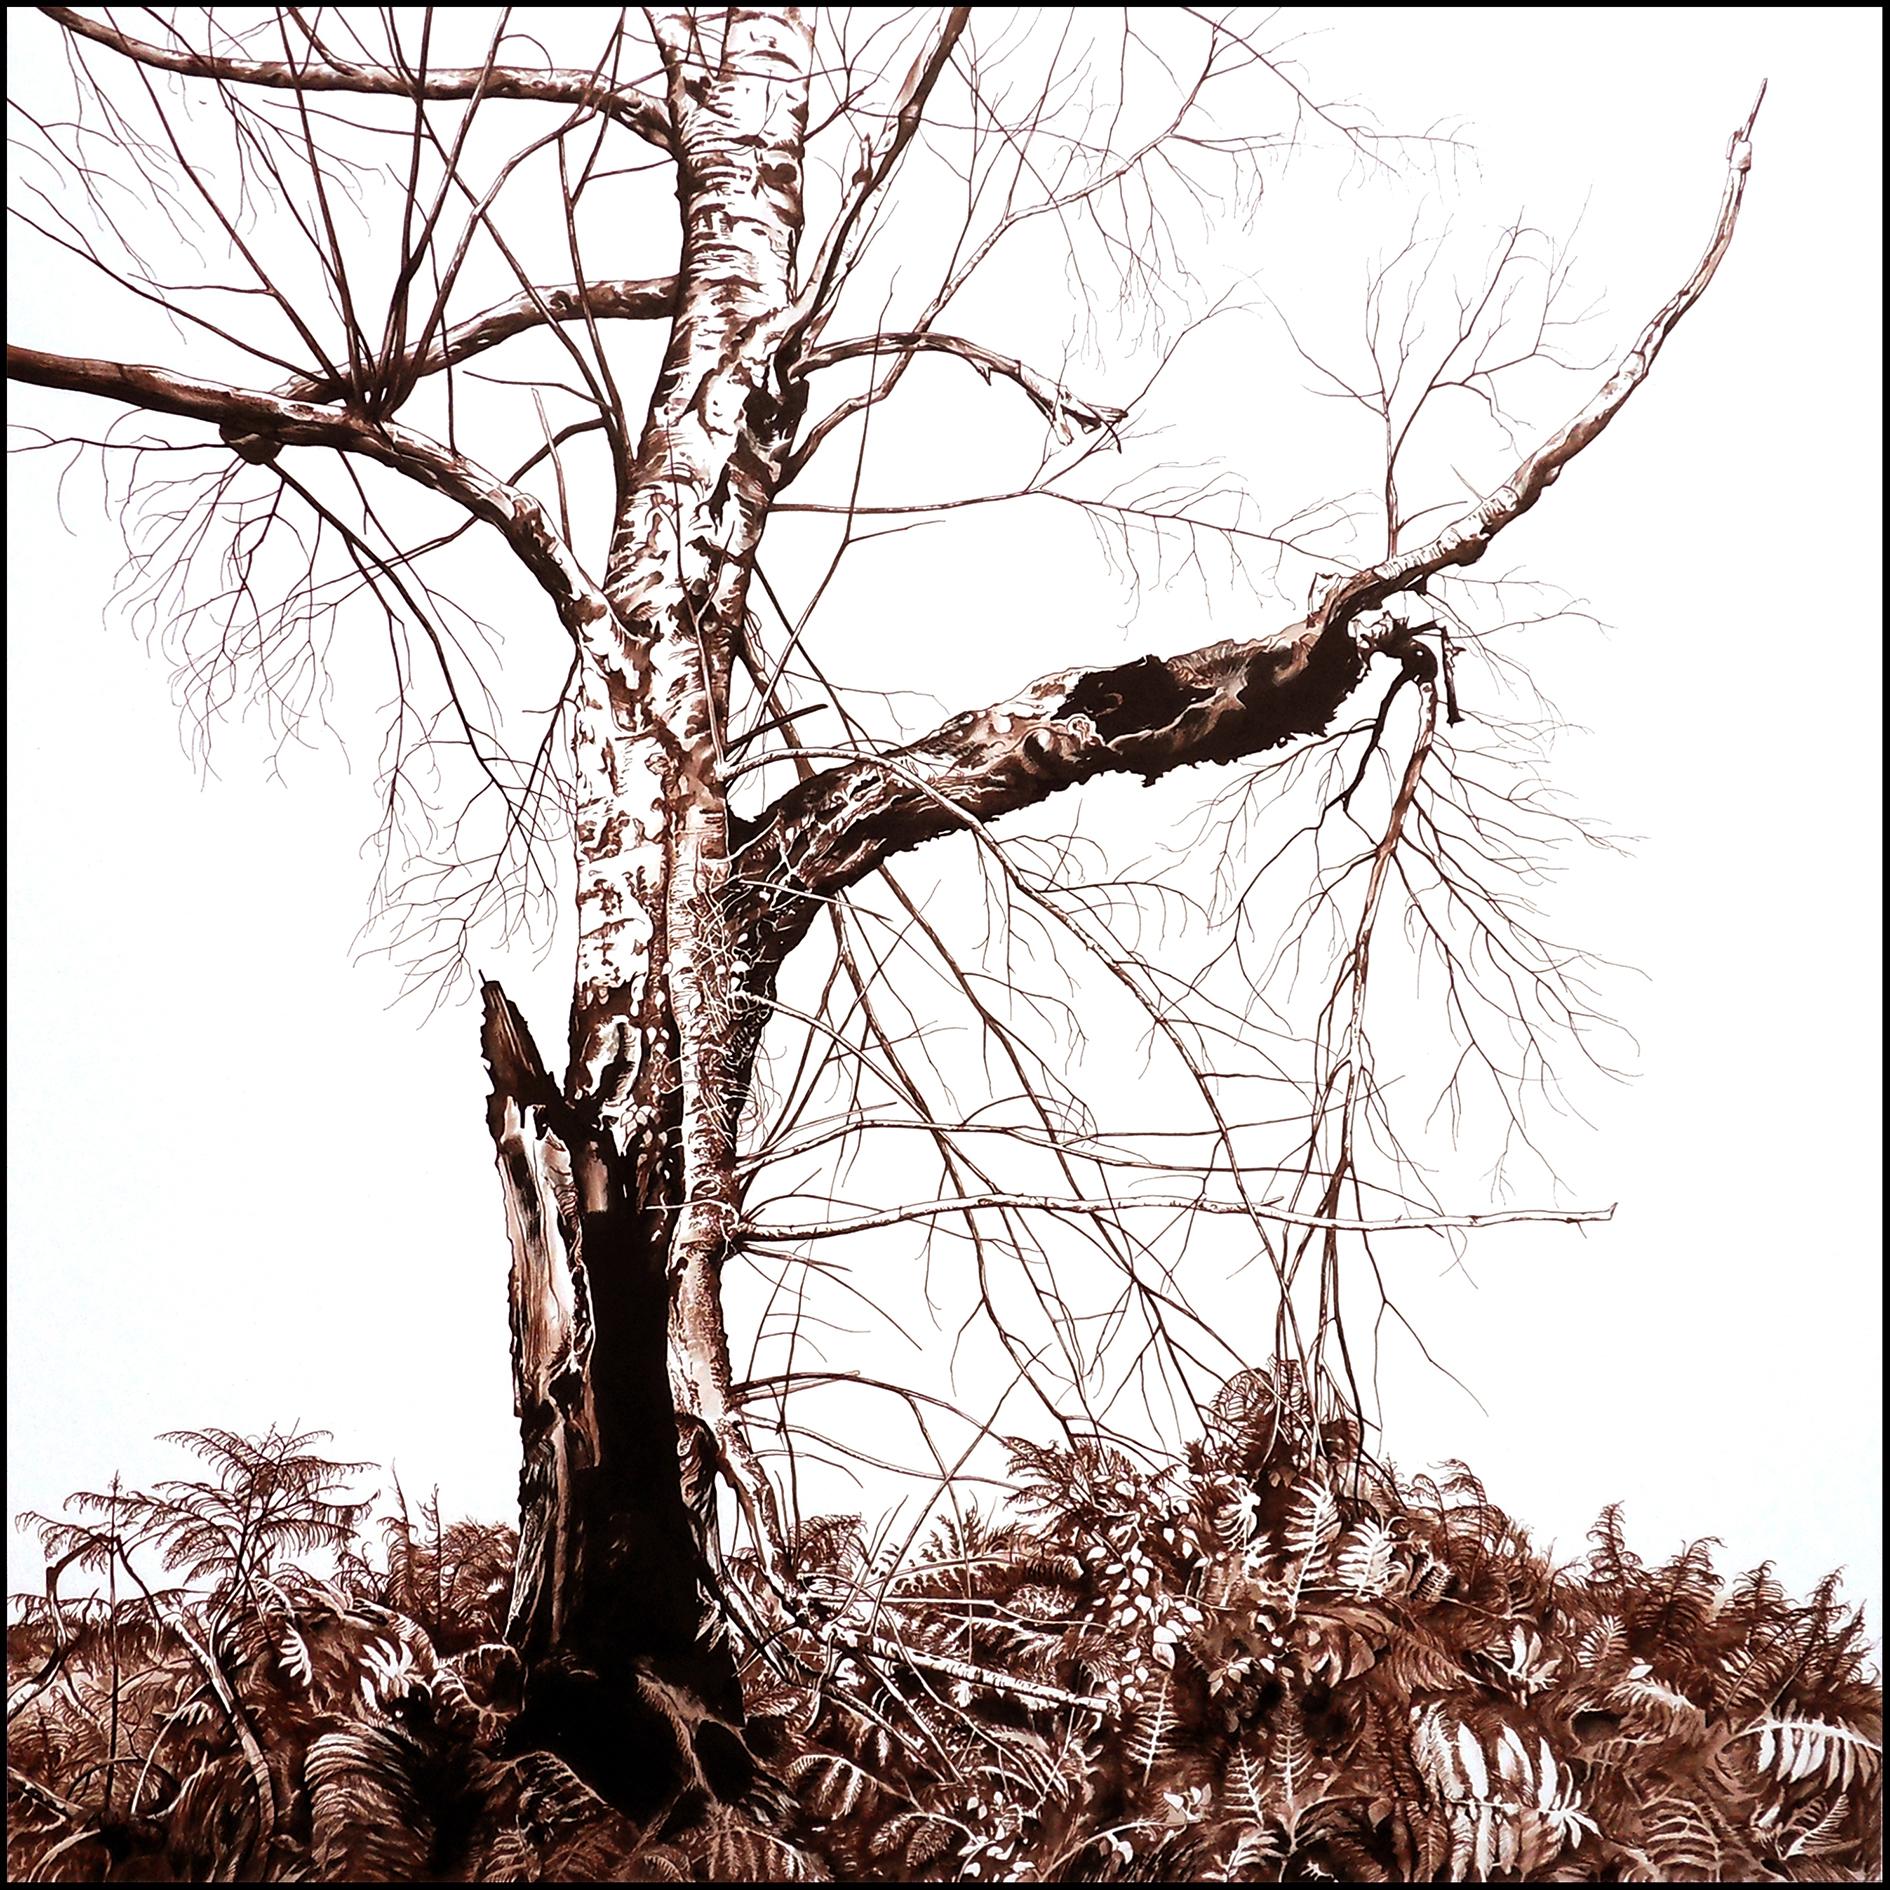 Thrénodie pour un arbre – Laurent Claret